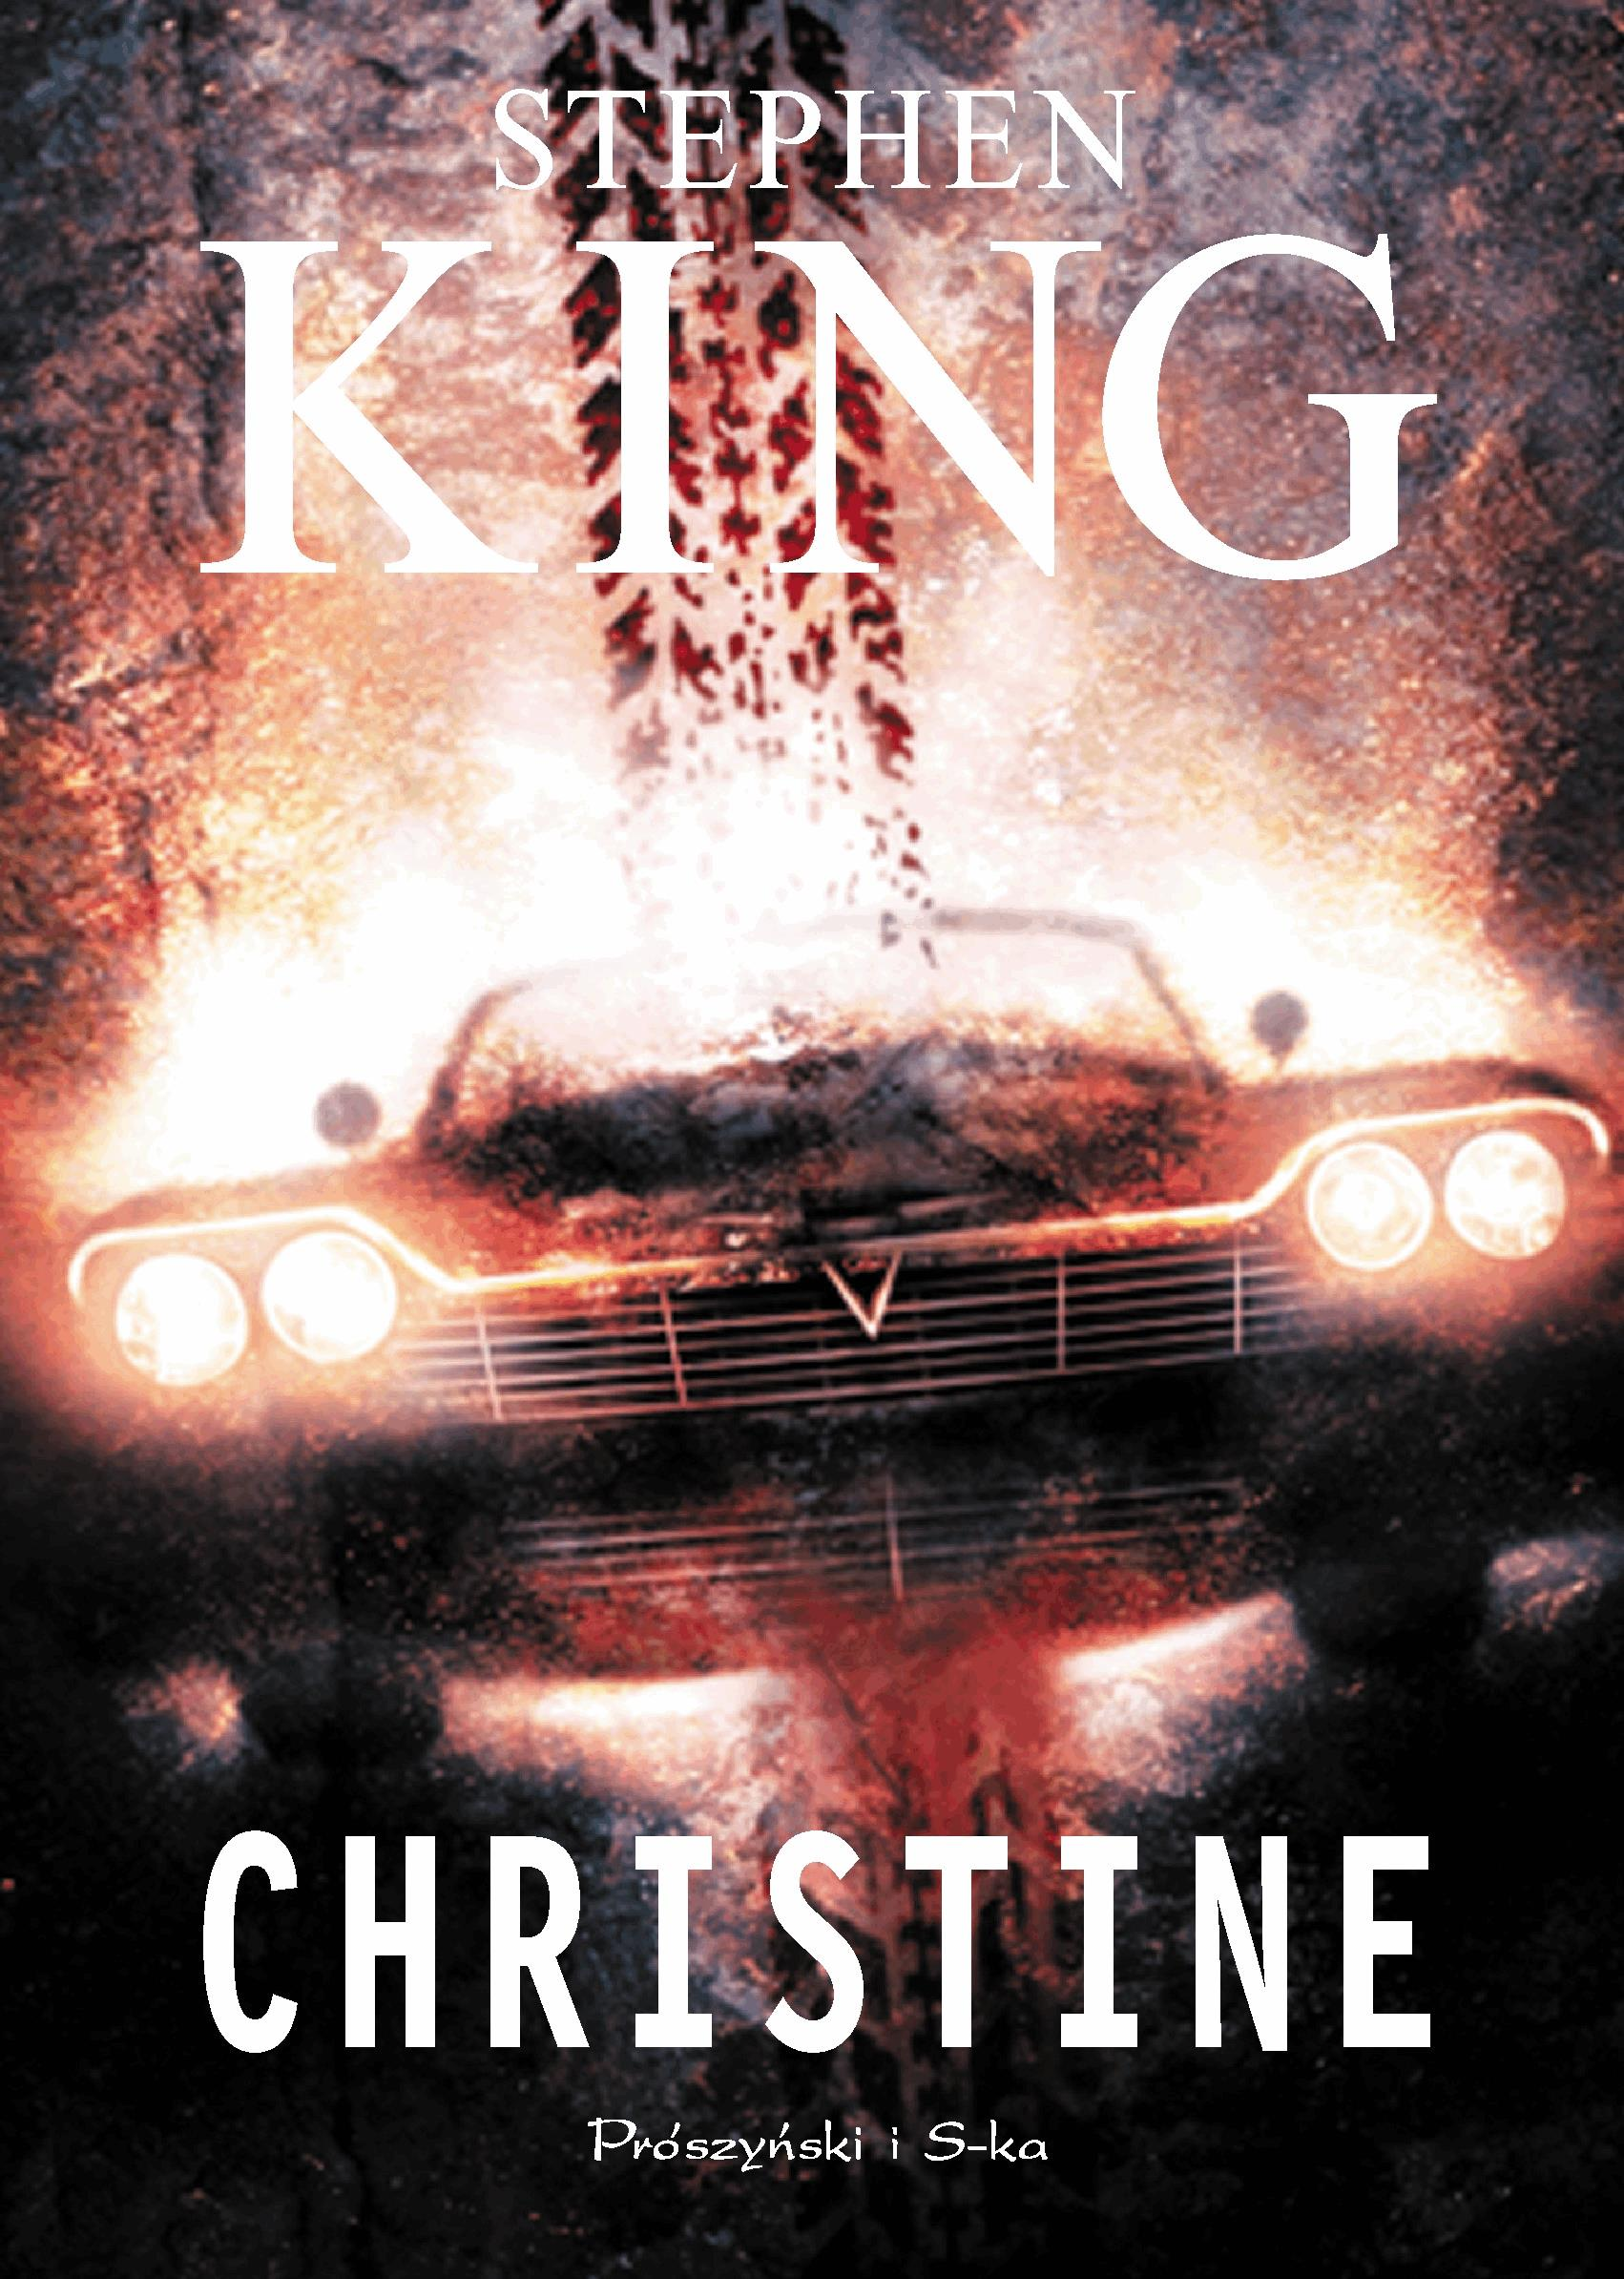 CHRISTINE - Tylko w Legimi możesz przeczytać ten tytuł przez 7 dni za darmo. - Stephen King